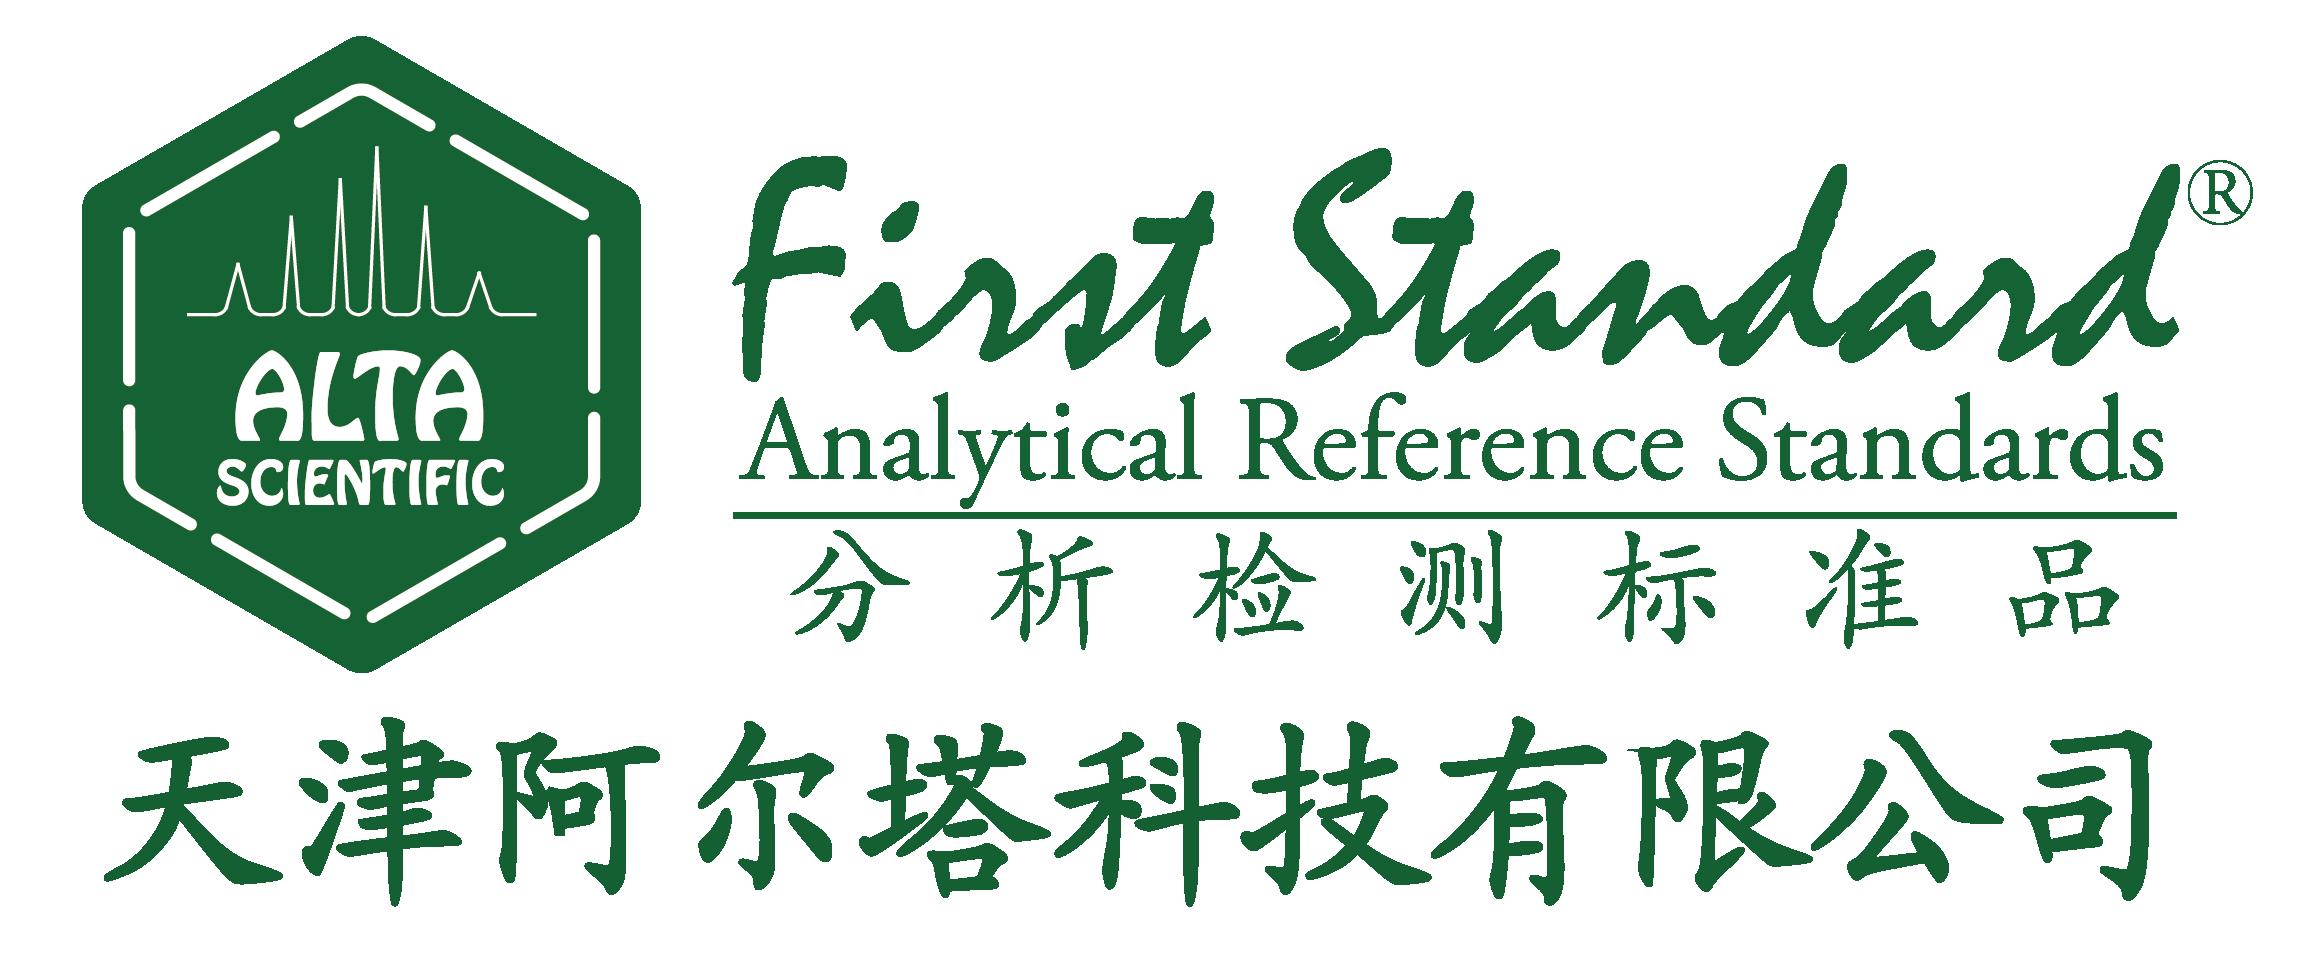 天津阿尔塔科技有限公司